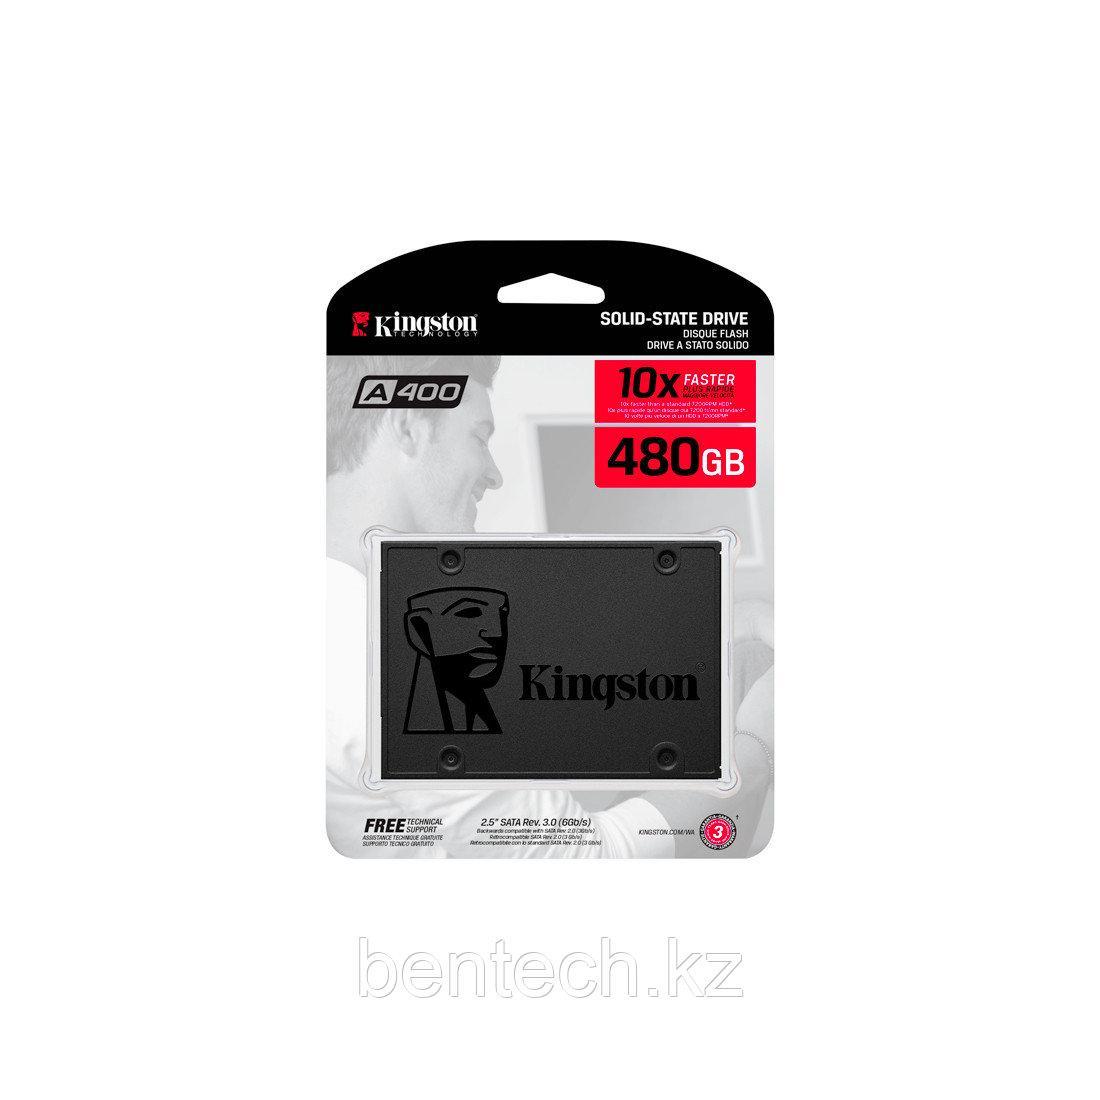 """SSD Kingston A400 SA400S37/480G [480 ГБ, 2.5"""" SATA III, чтение: 500 МБ/с, запись: 450 МБ/с, TLC]"""